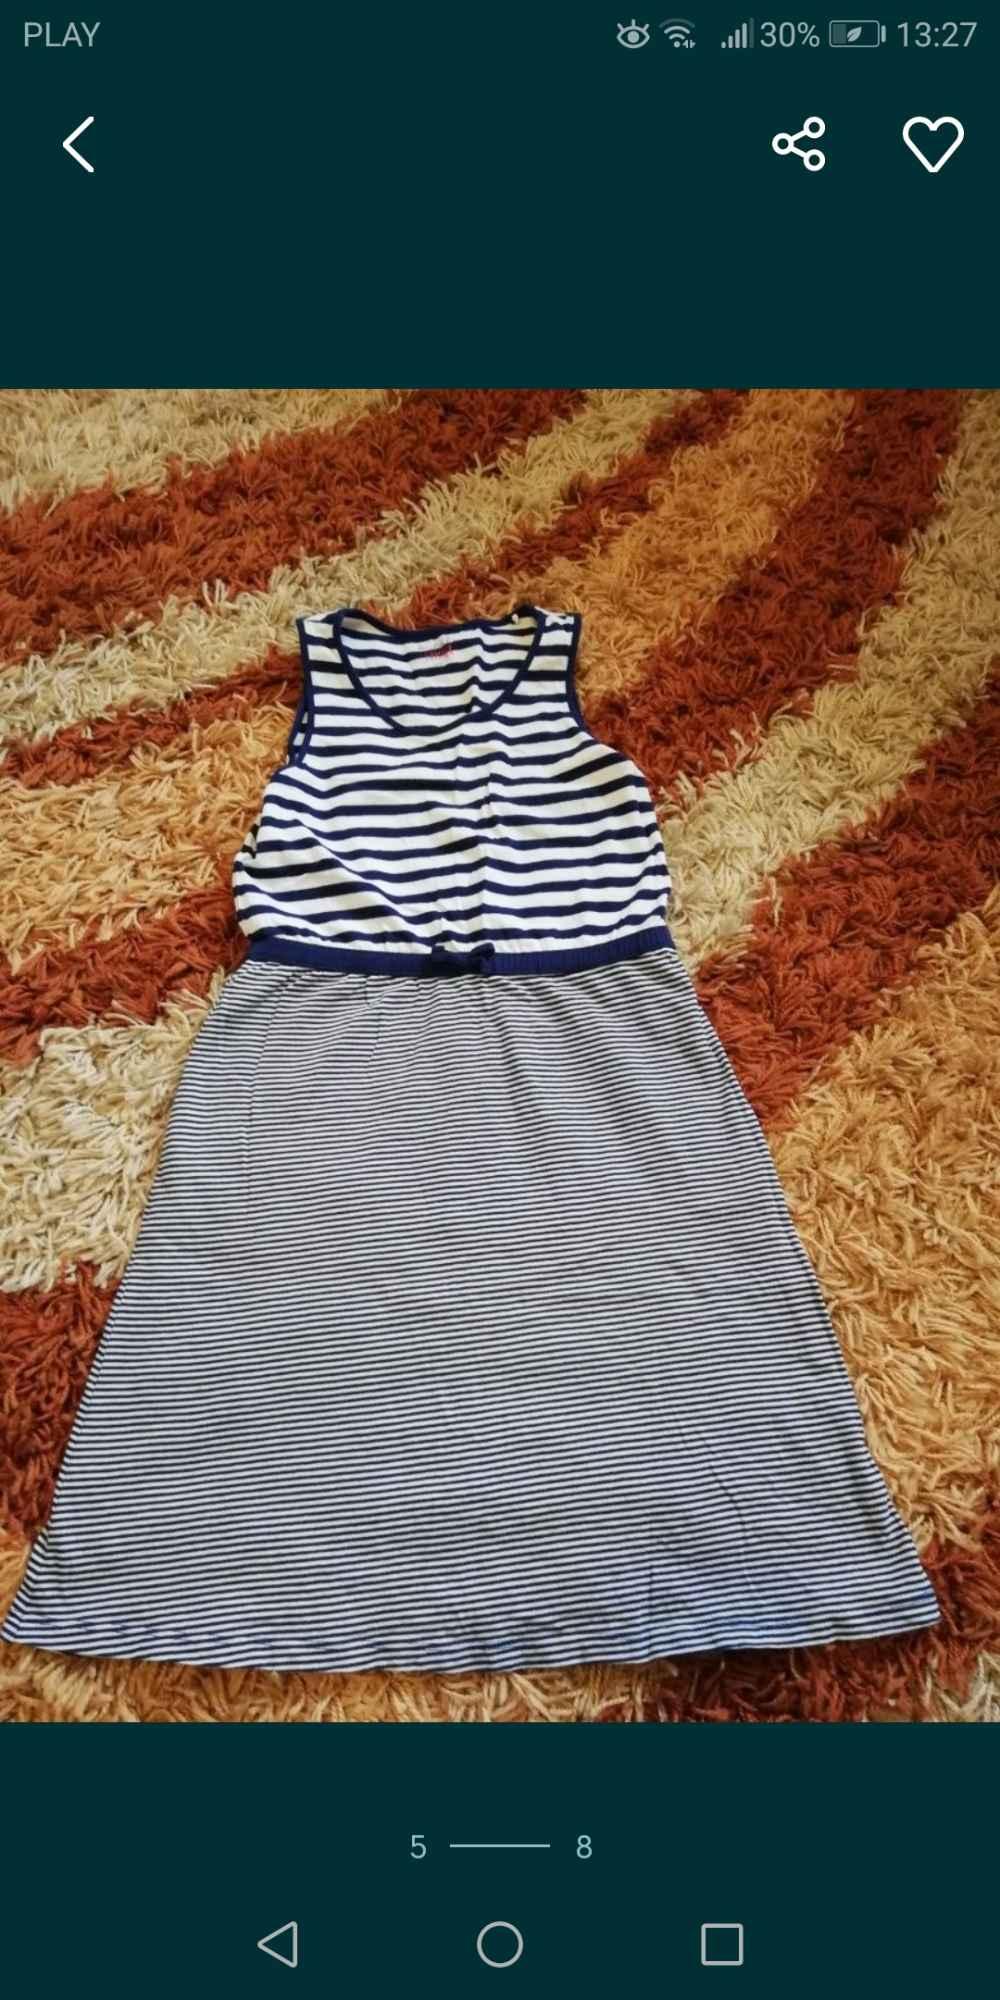 Sprzedam ubrania Syców - zdjęcie 9